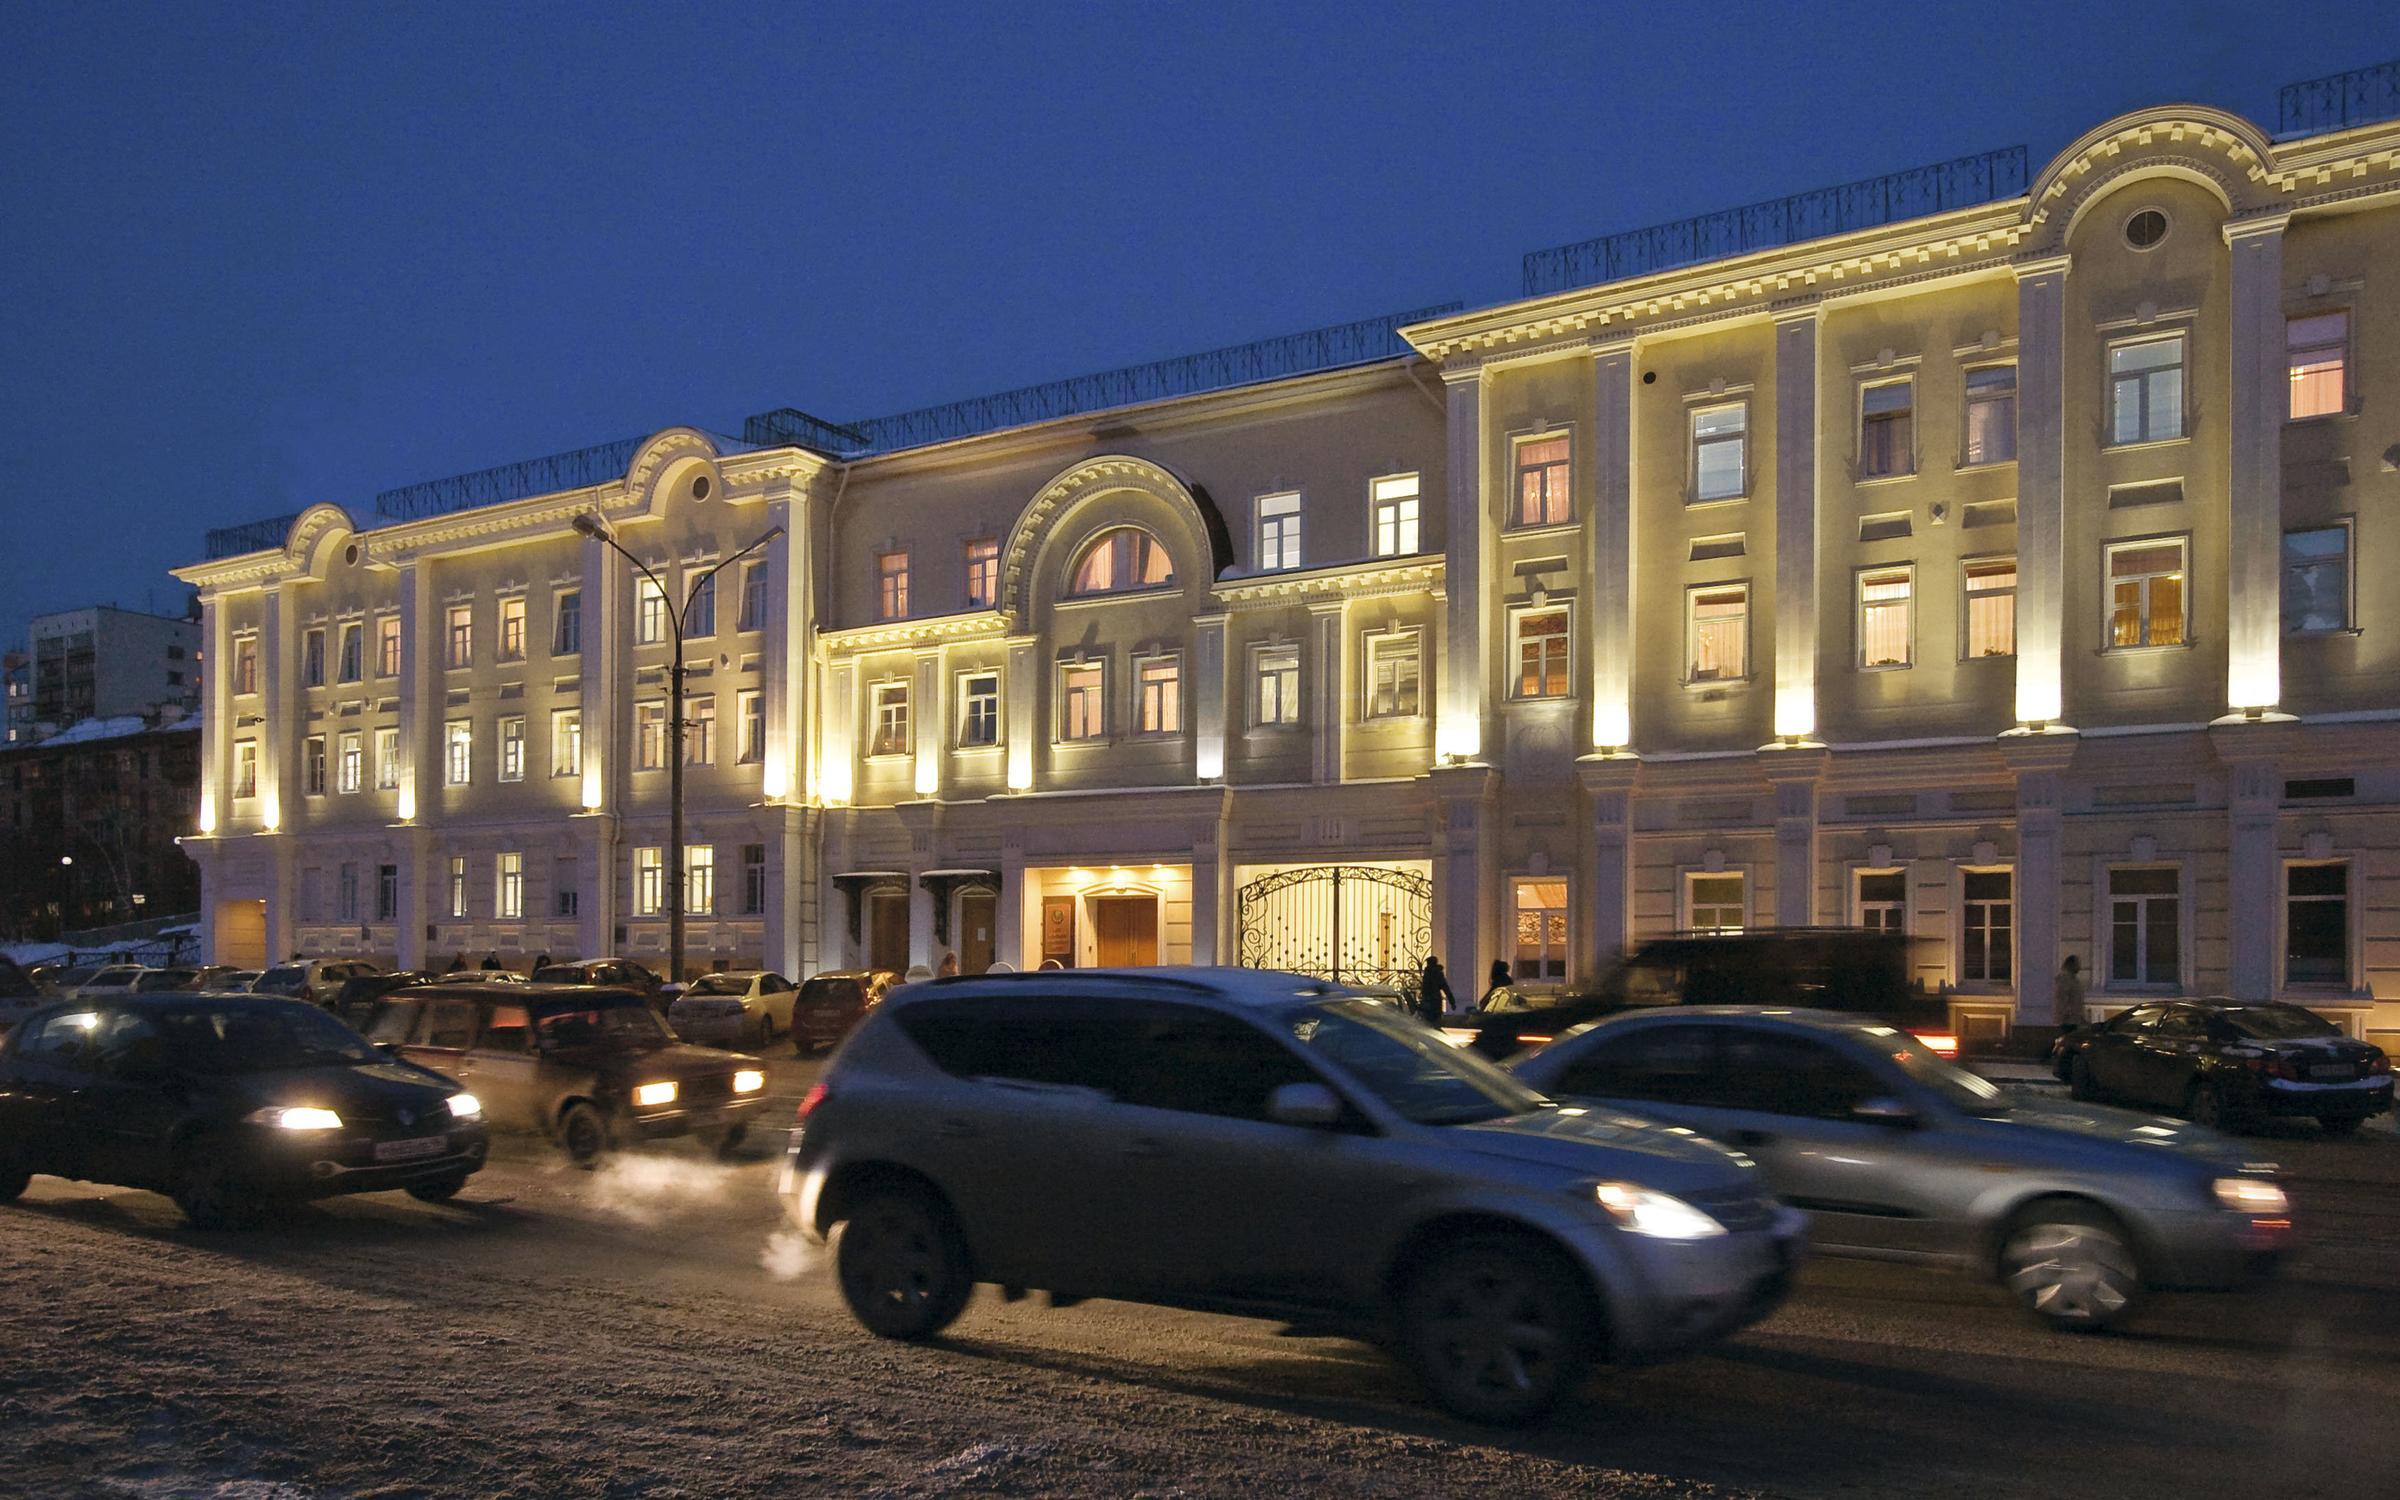 фотография Центра косметологии и пластической хирургии имени С.В. Нудельмана на улице Московской, 19